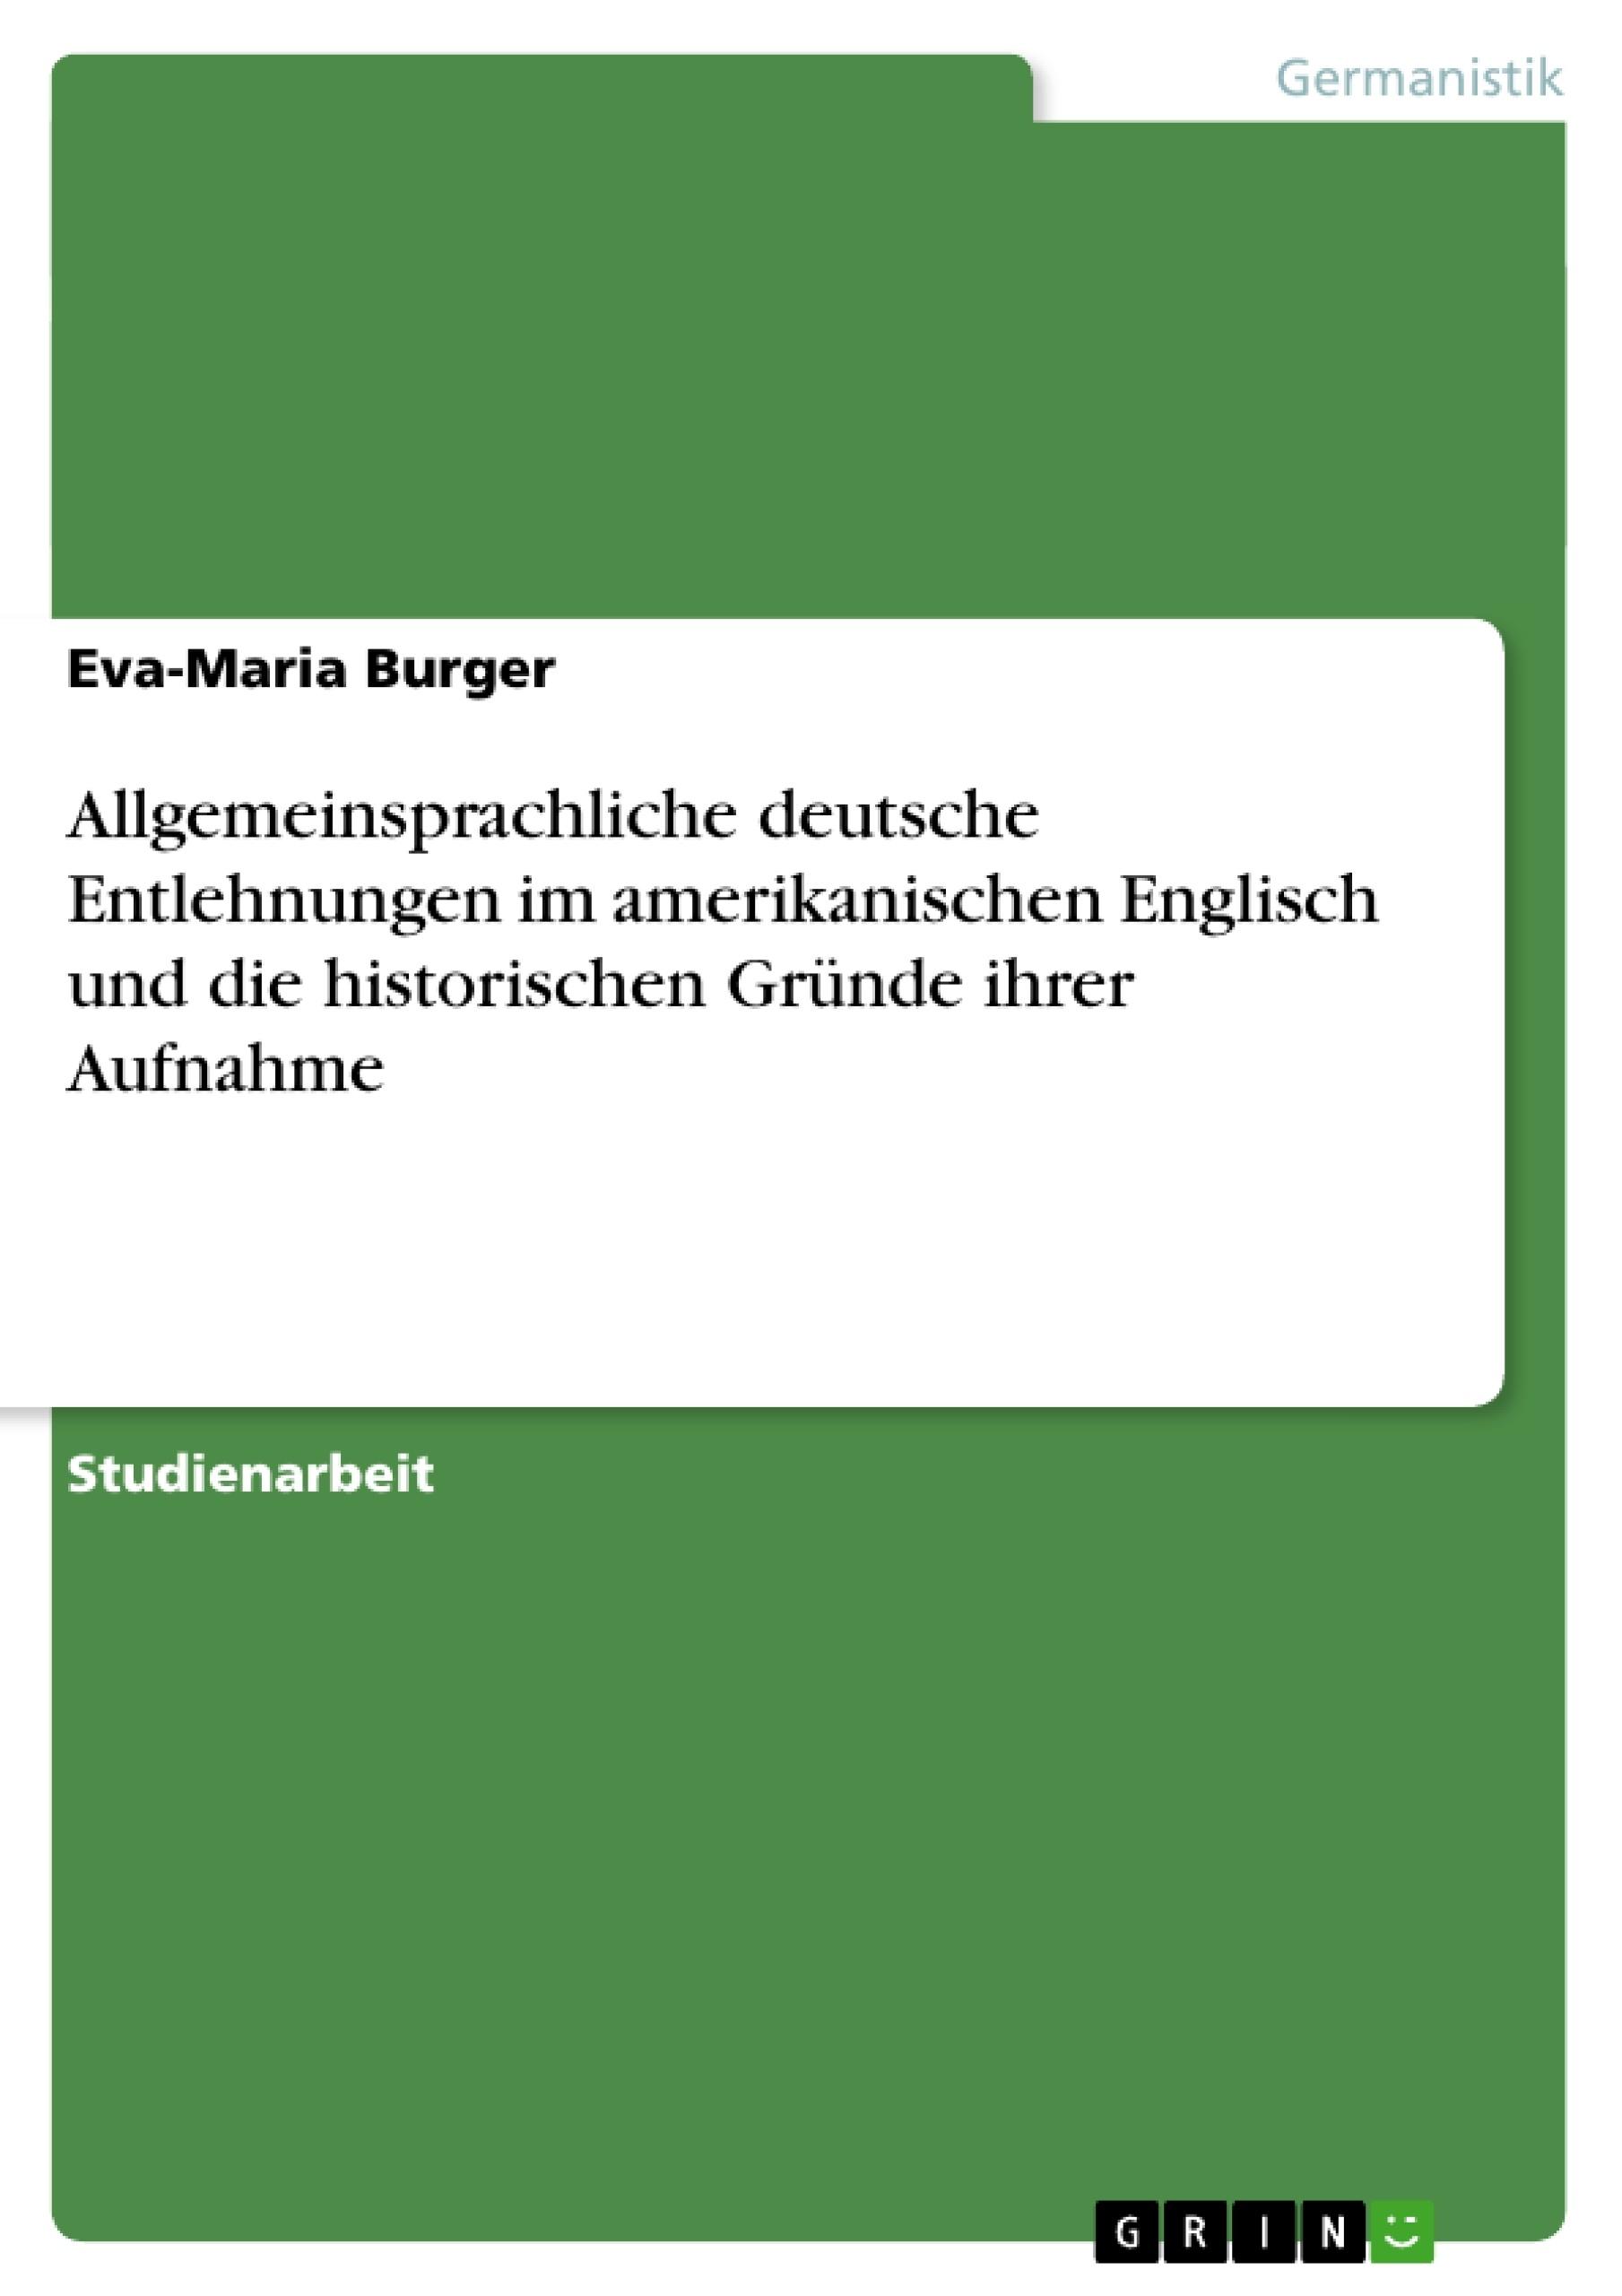 Titel: Allgemeinsprachliche deutsche Entlehnungen im amerikanischen Englisch und die historischen Gründe ihrer Aufnahme